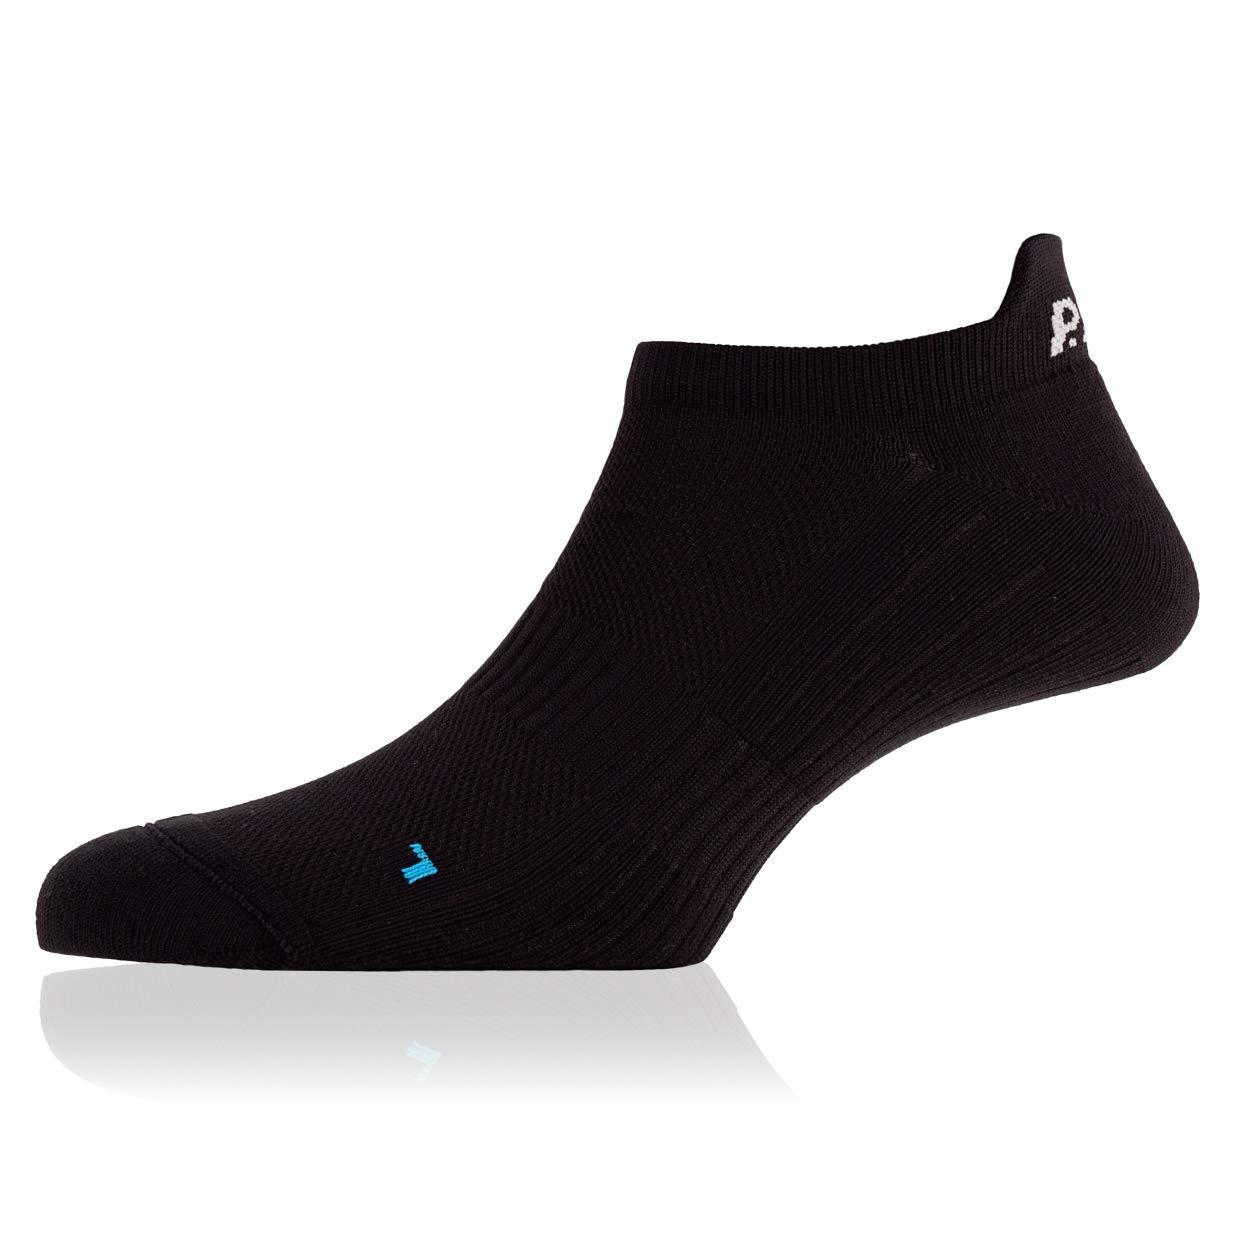 P.A.C. Footie Active Short Women Socken - Black